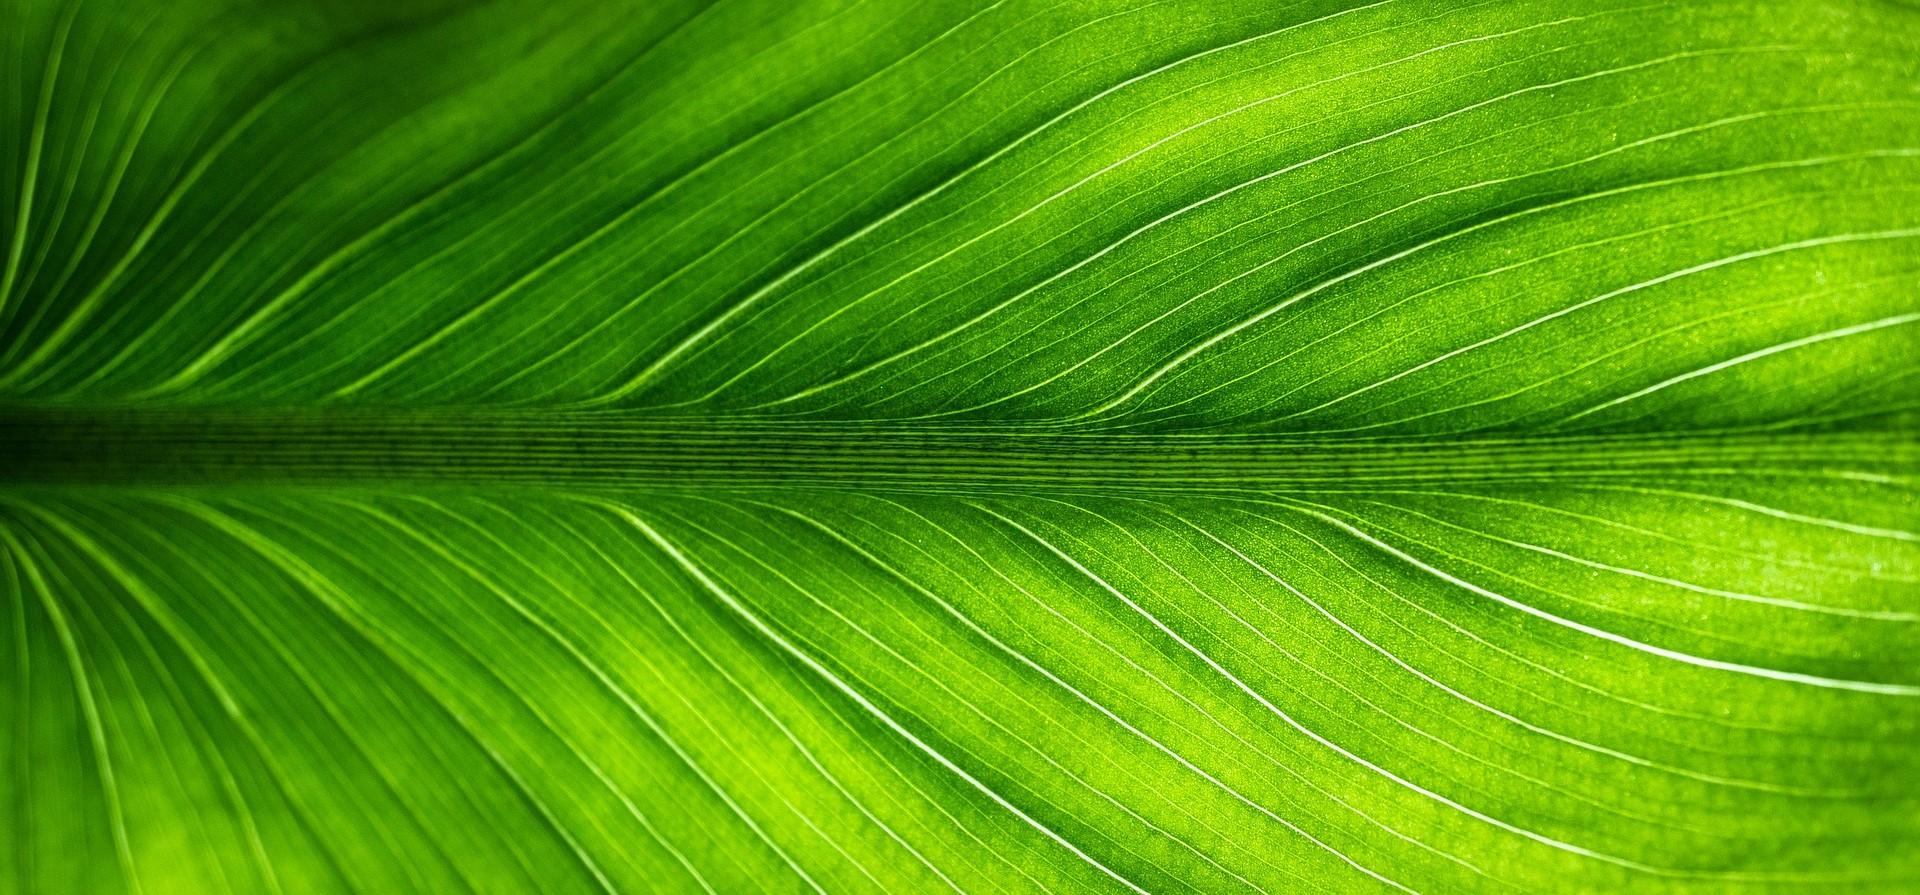 green leaf-2210973_1920 - right.jpg